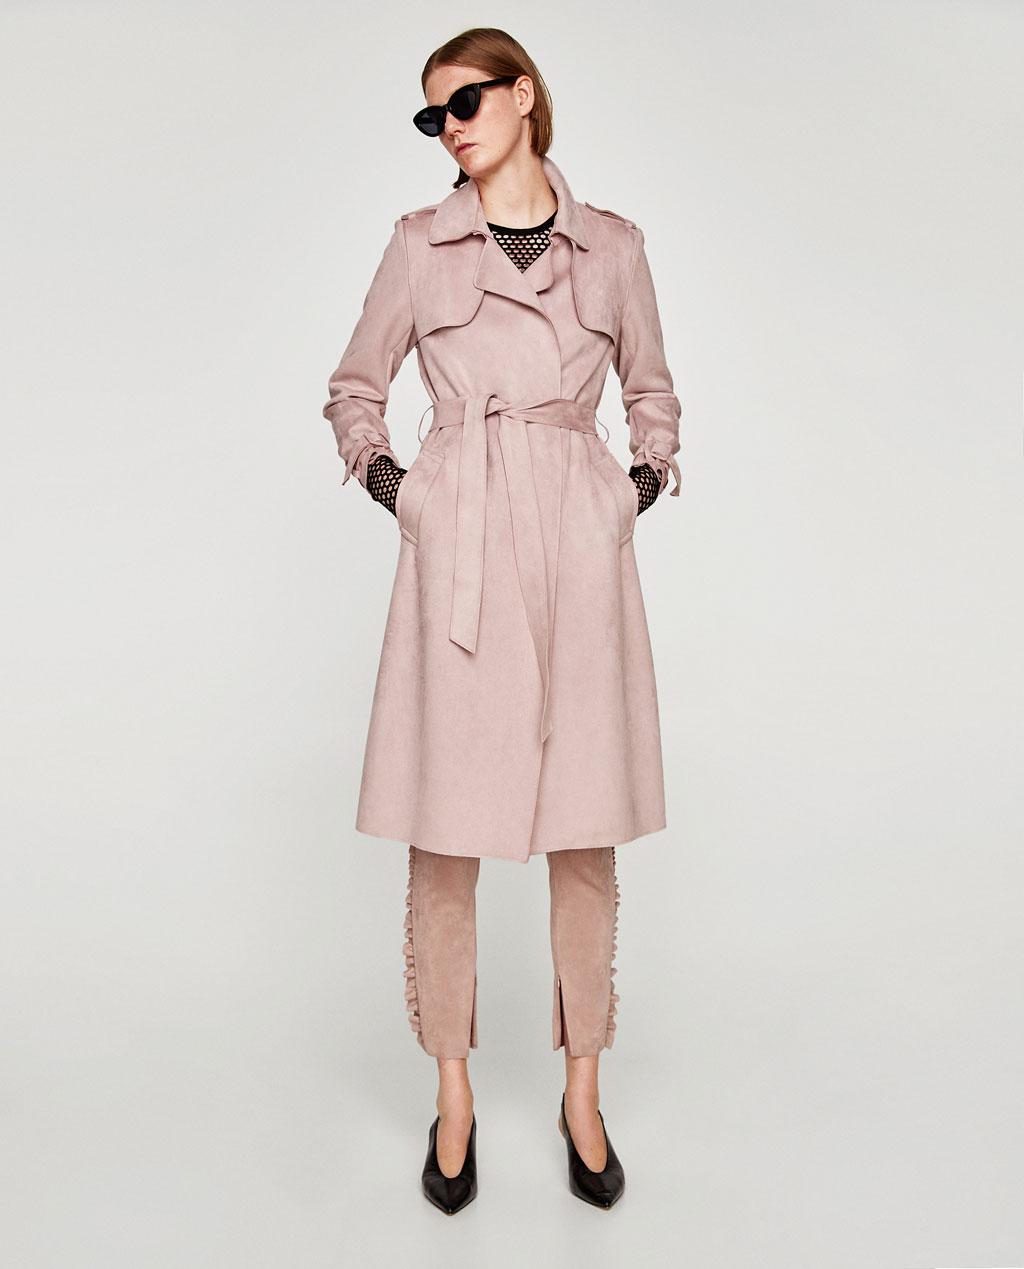 Zara Pink Suede Trench Coat